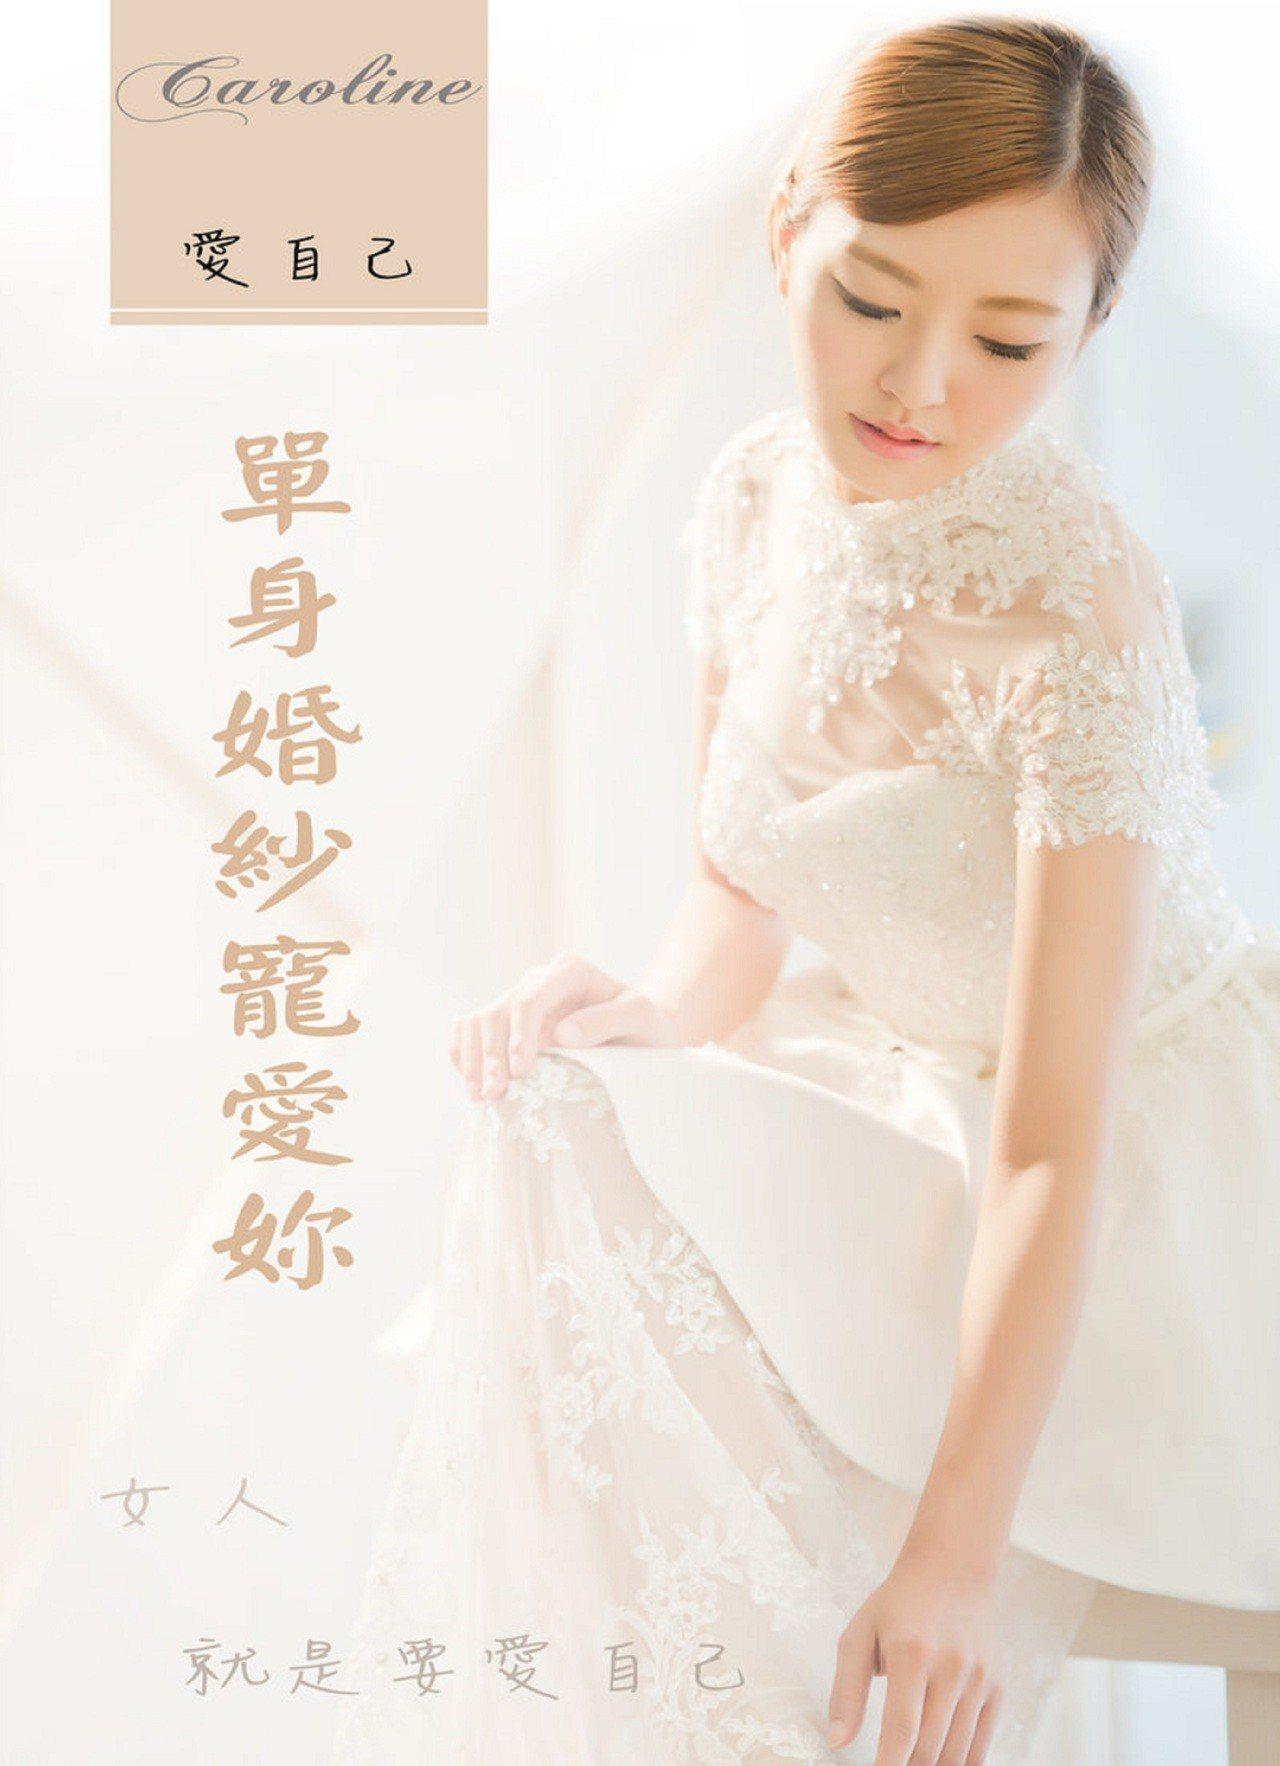 單身婚紗崛起,傳達「就算新郎還沒出現,也能一人享受生活」的正面能量。圖/凱洛琳婚...